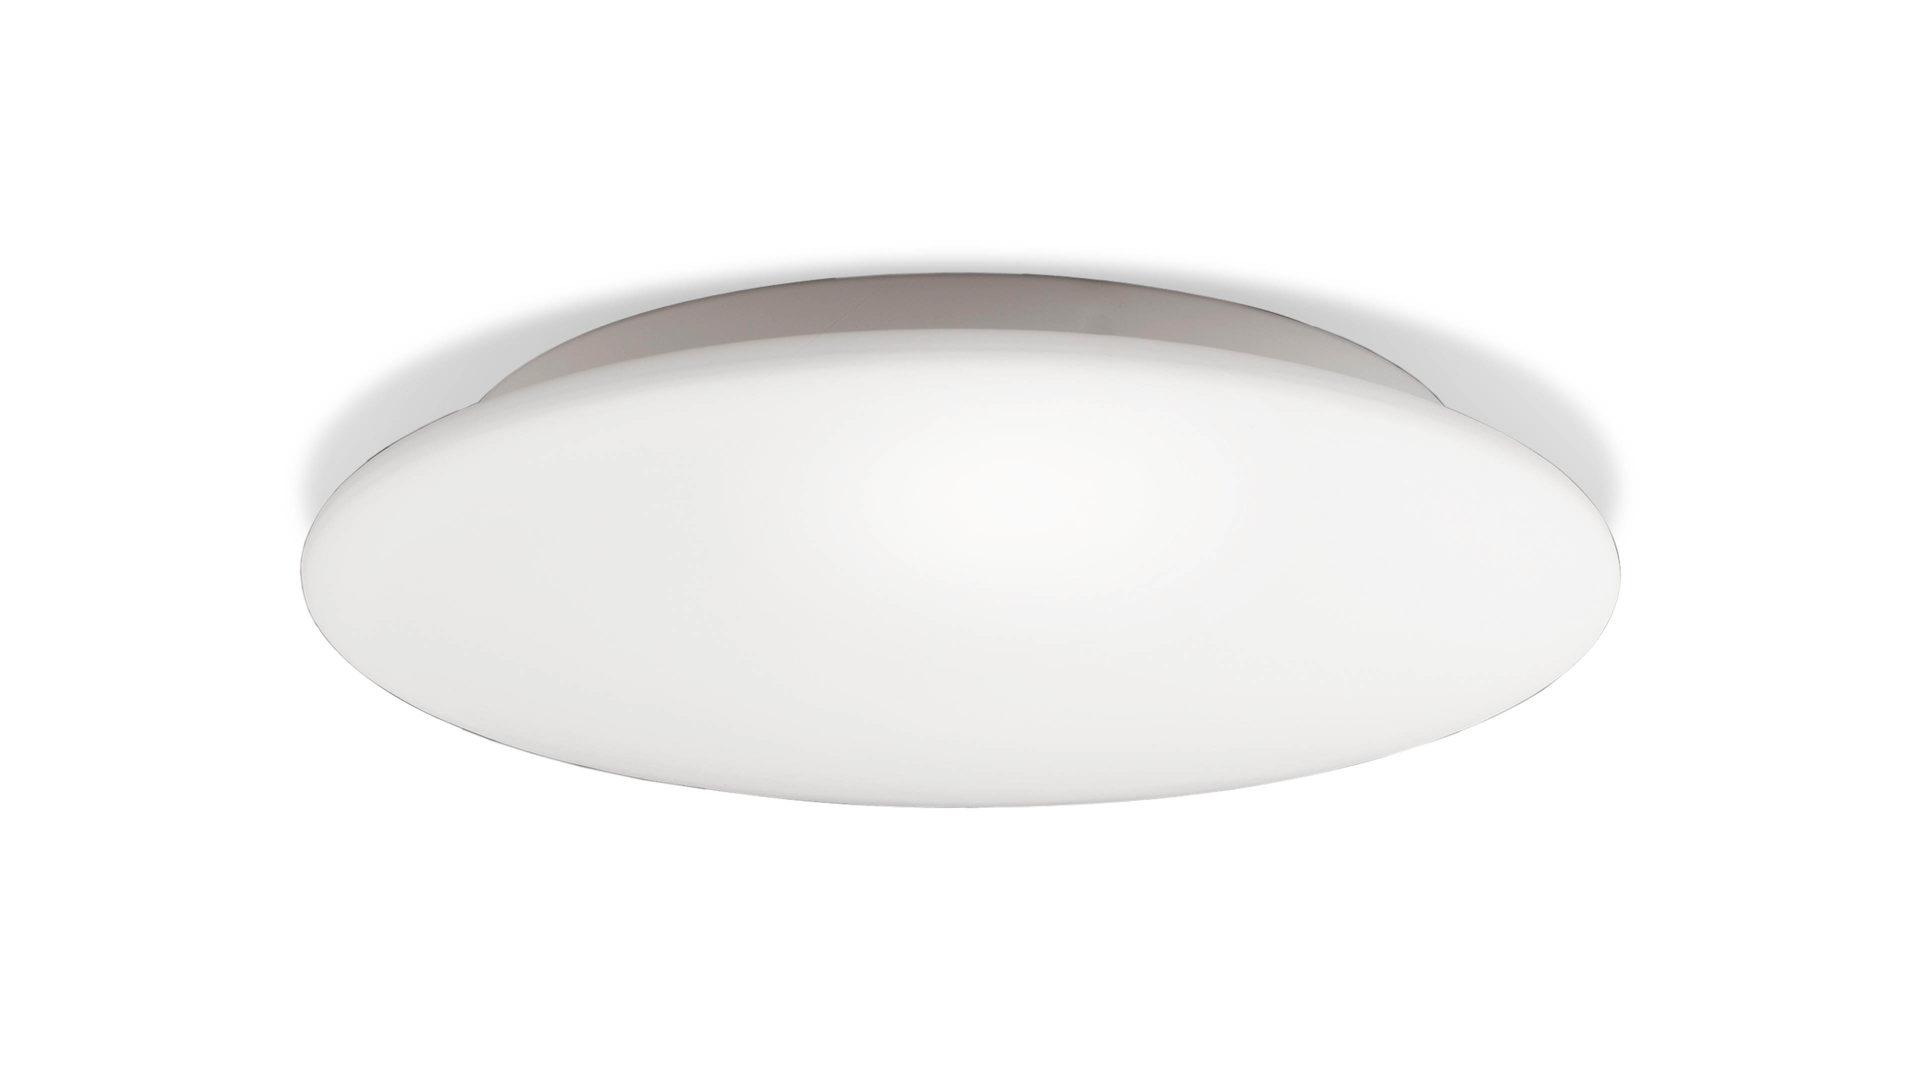 Deckenleuchte blanco matter opalglas lampenschirm durchmesser ca